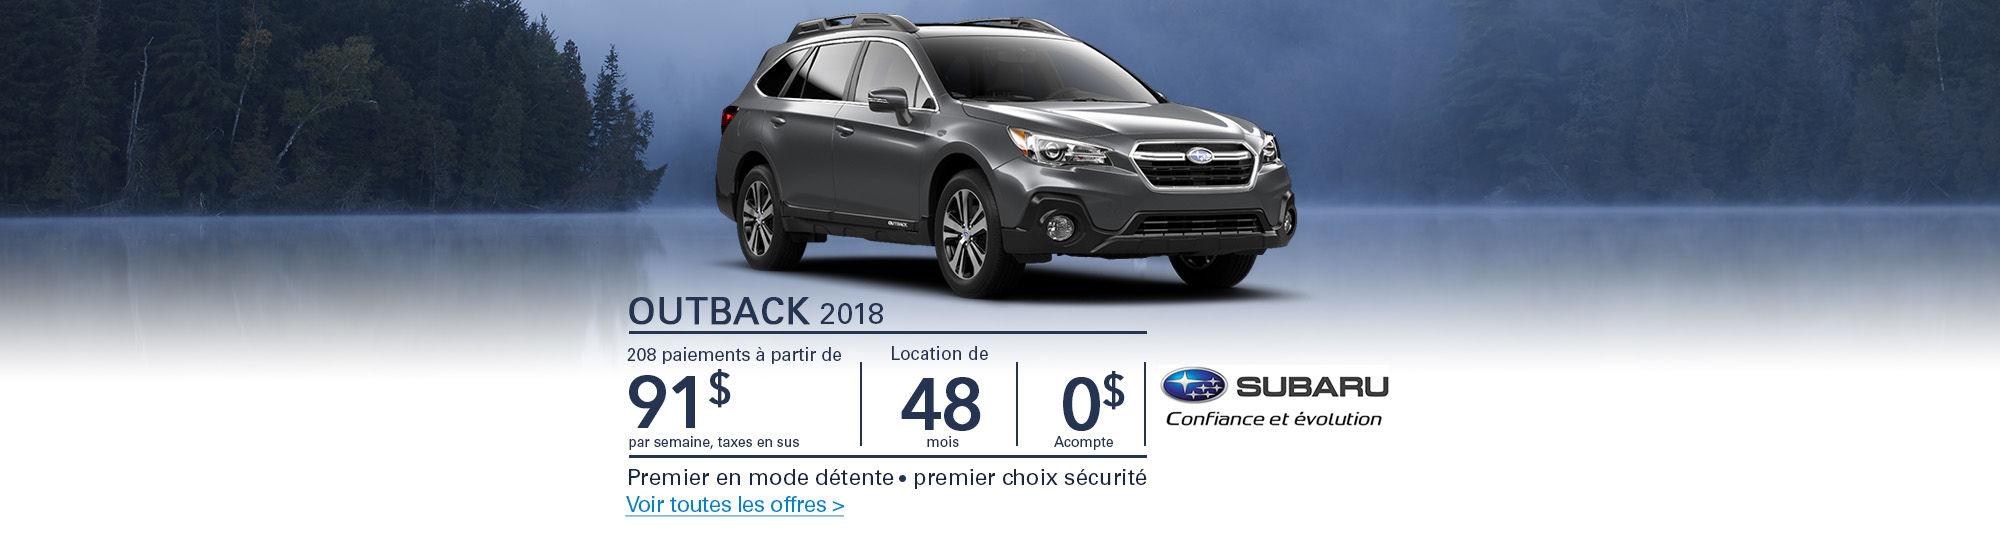 Subaru-Première en mode actif-Premier choix sécurité